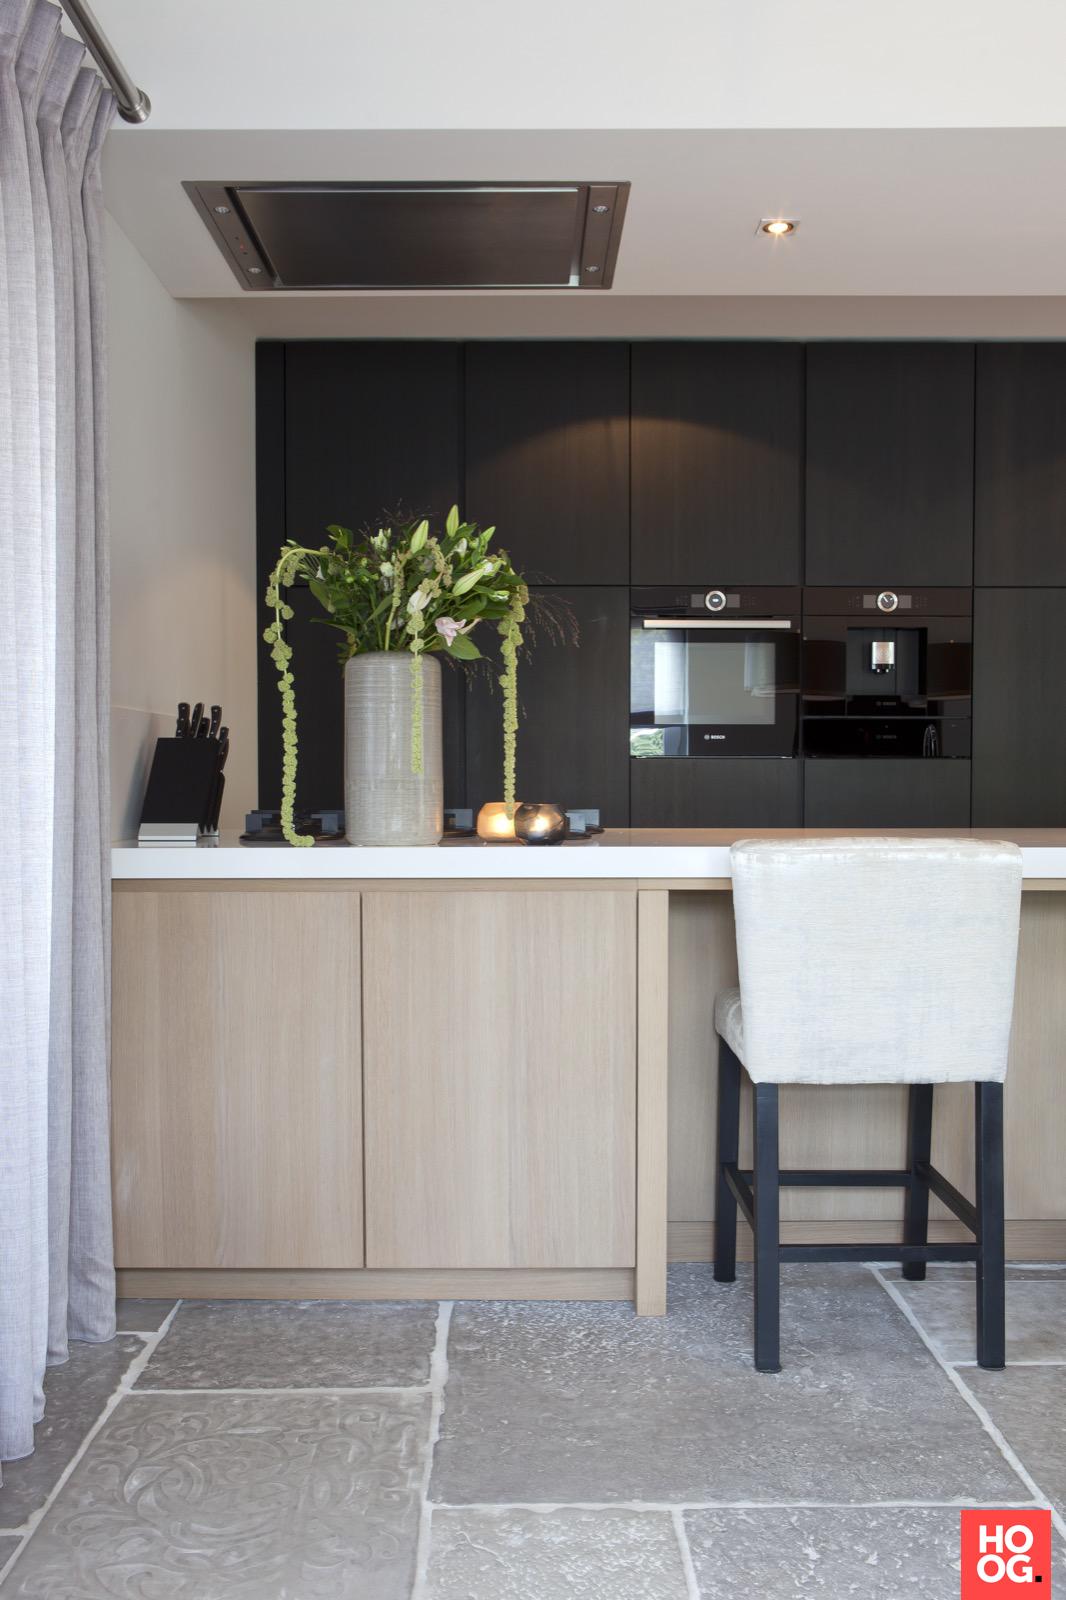 Pin de Marian Maas en keuken | Pinterest | Cocinas kitchen, Cocina ...